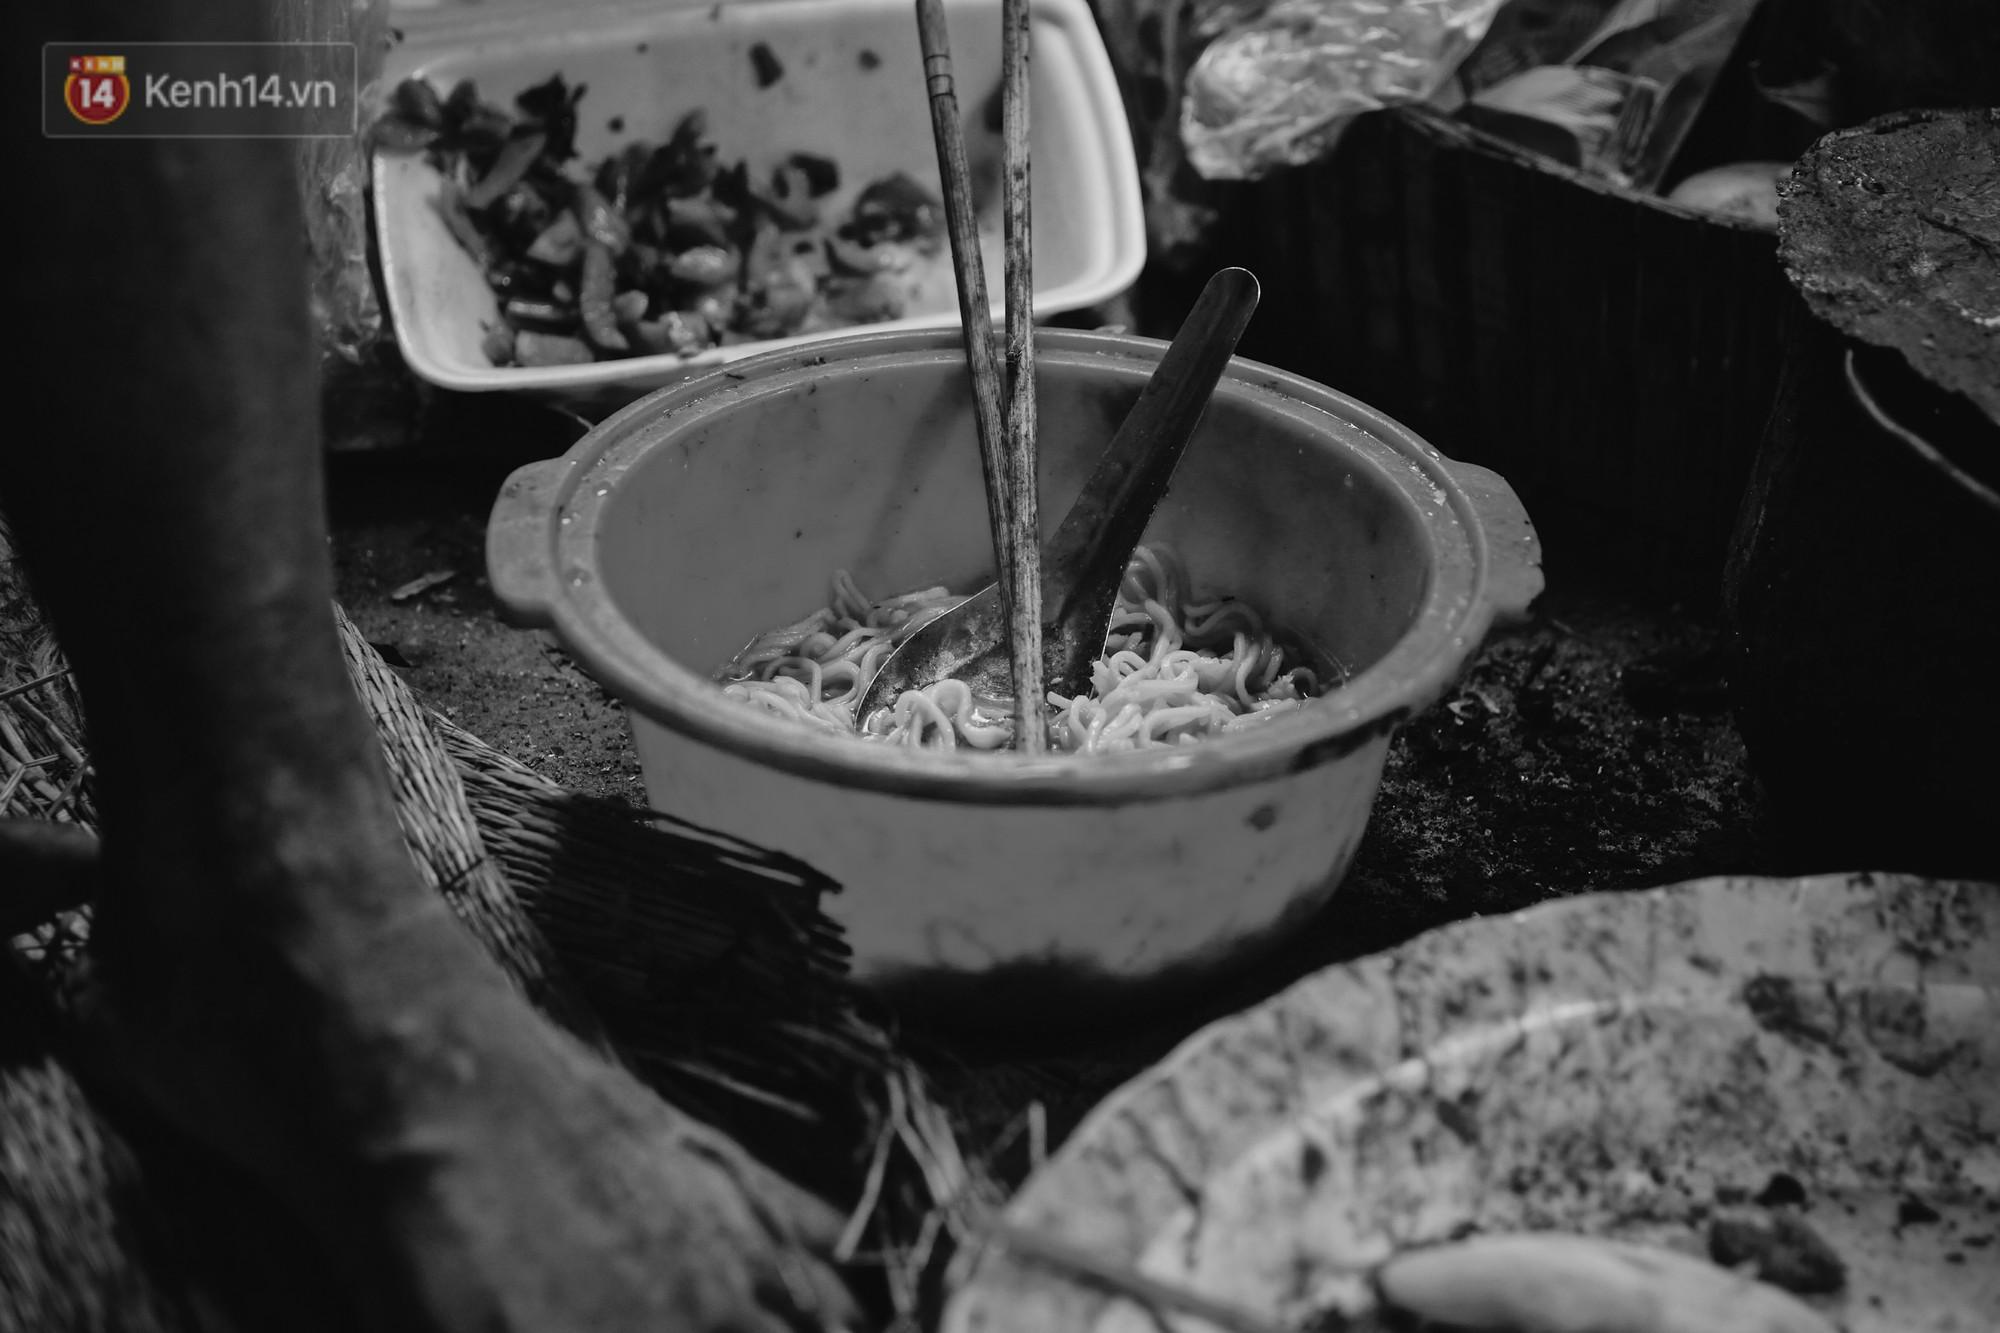 Ở Hà Nội, có một người mẹ mù gần 90 tuổi vẫn ngày đêm chăm đứa con gái điên: Còn sống được lúc nào, thì tôi còn nuôi nó - Ảnh 7.